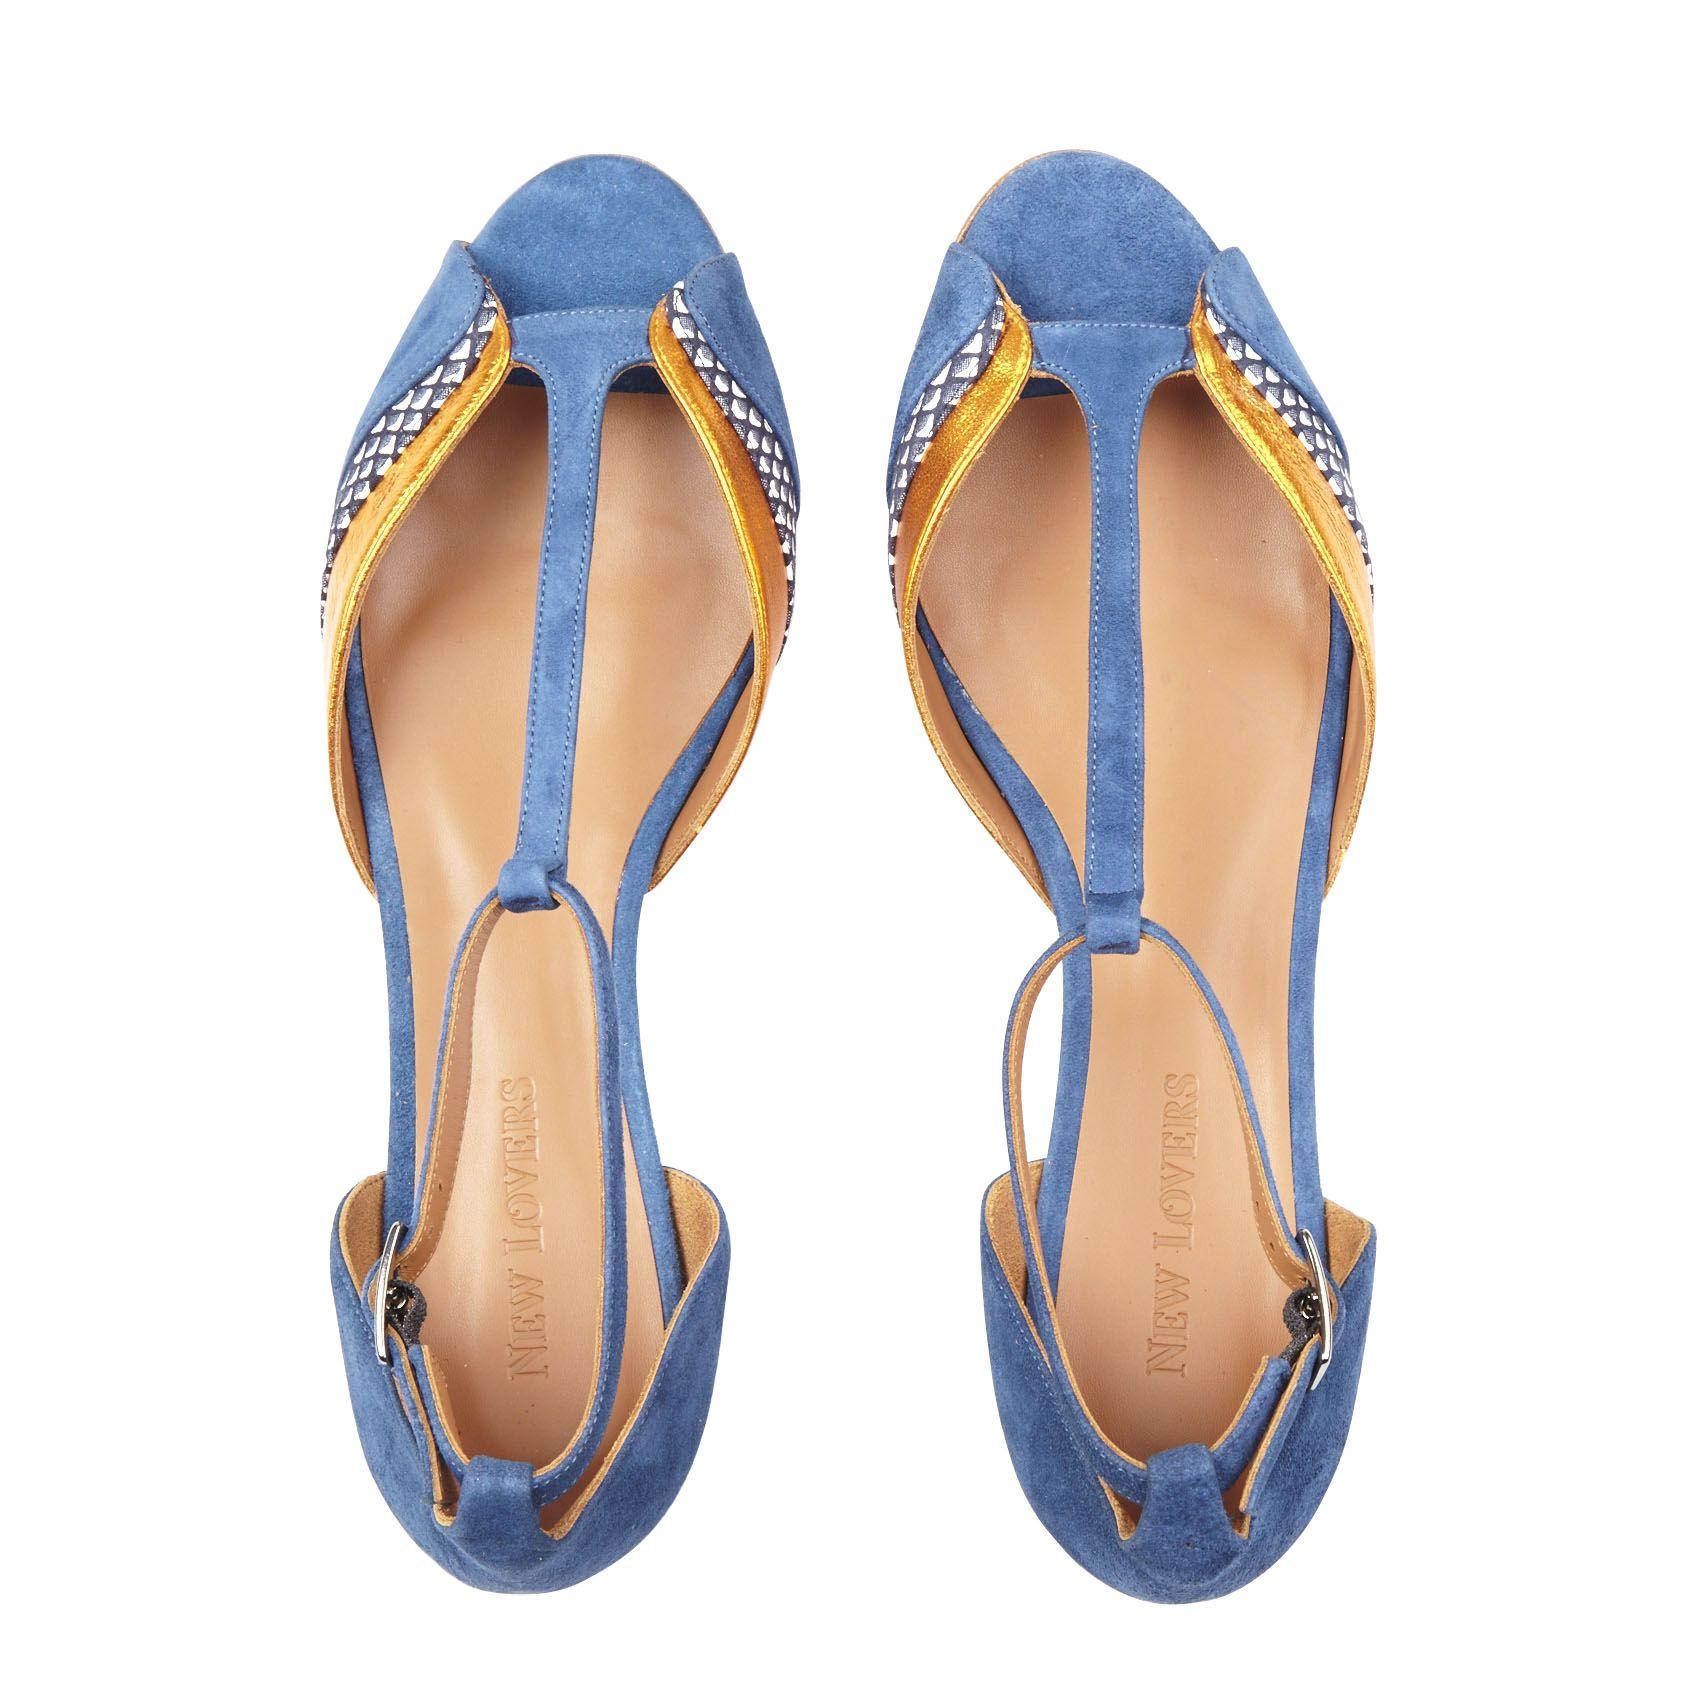 51e46f2c4 E-shop New Lovers - Sandales Plates Pippa Bleu New Lovers pour femme sur  Place des tendances Groupe Printemps. Retrouvez toute la collection New  Lovers pour ...